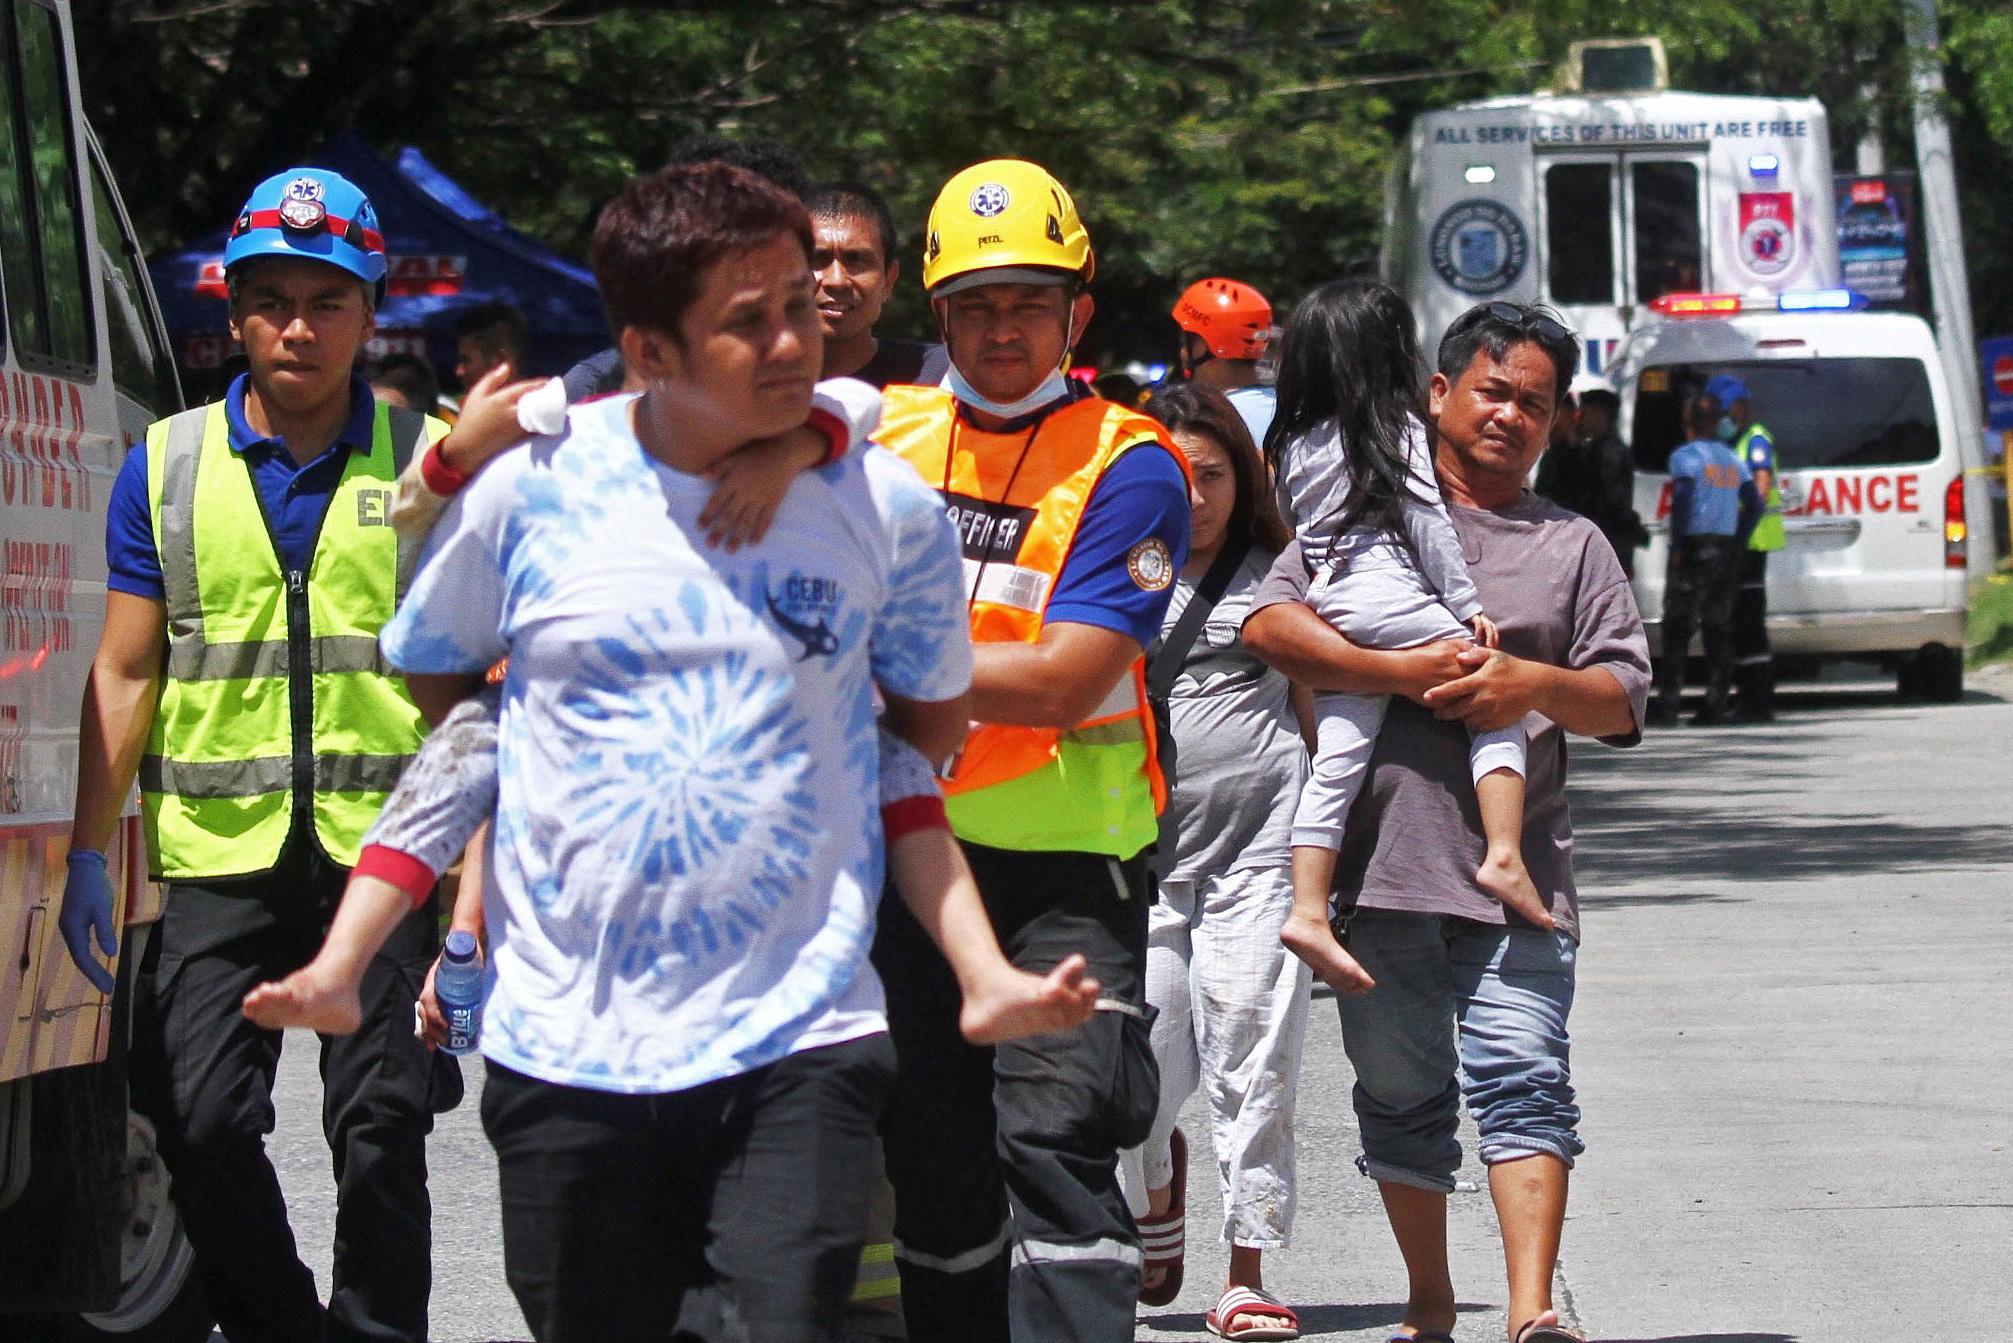 Un séisme de magnitude 6,5 a frappé jeudi le sud des Philippines, tuant au moins cinq personnes et provoquant la chute de bâtiments et maisons déjà endommagés par deux précédents tremblements de terre plus tôt ce mois-ci.